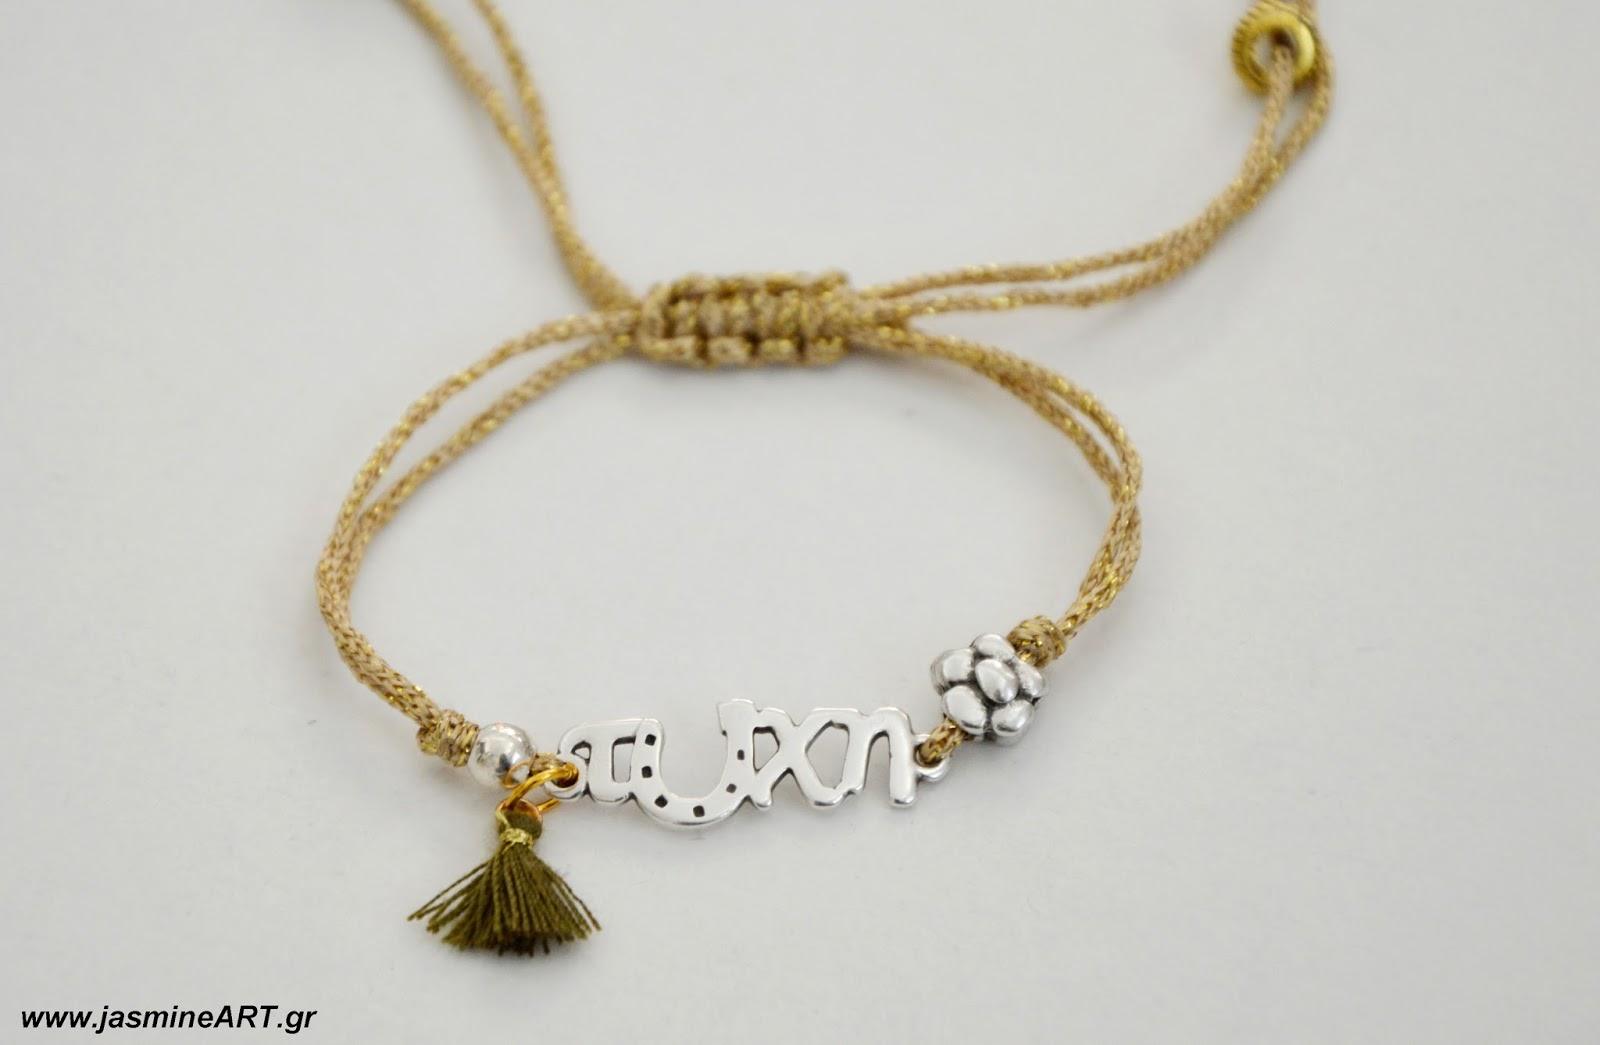 Κοσμήματα όπως βραχιόλια ή κολιέ για το νέο έτος ad791246664